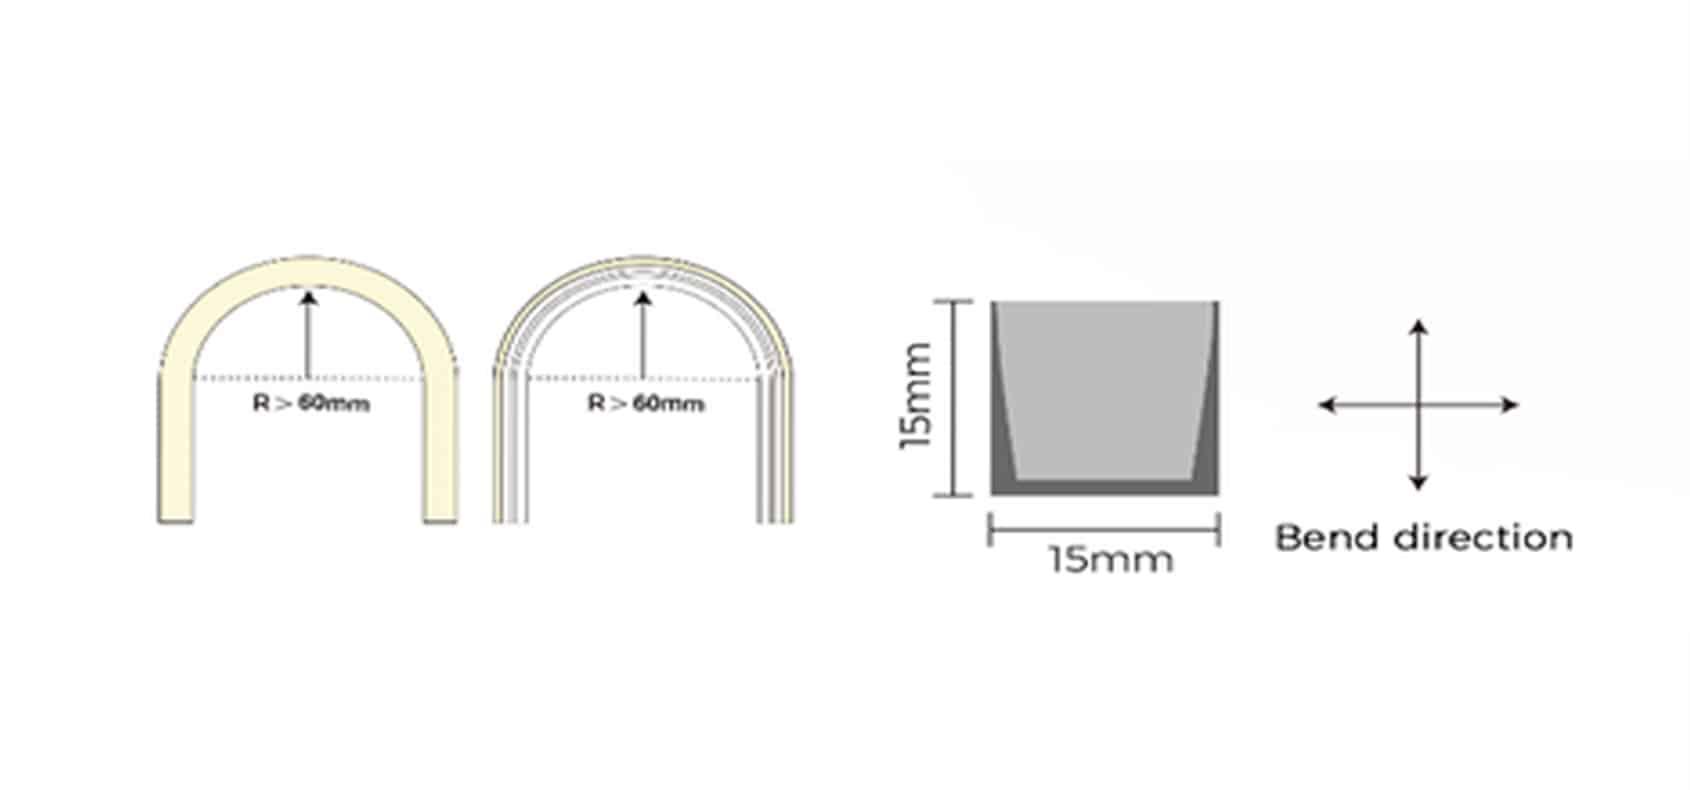 3D Bendable Dimension